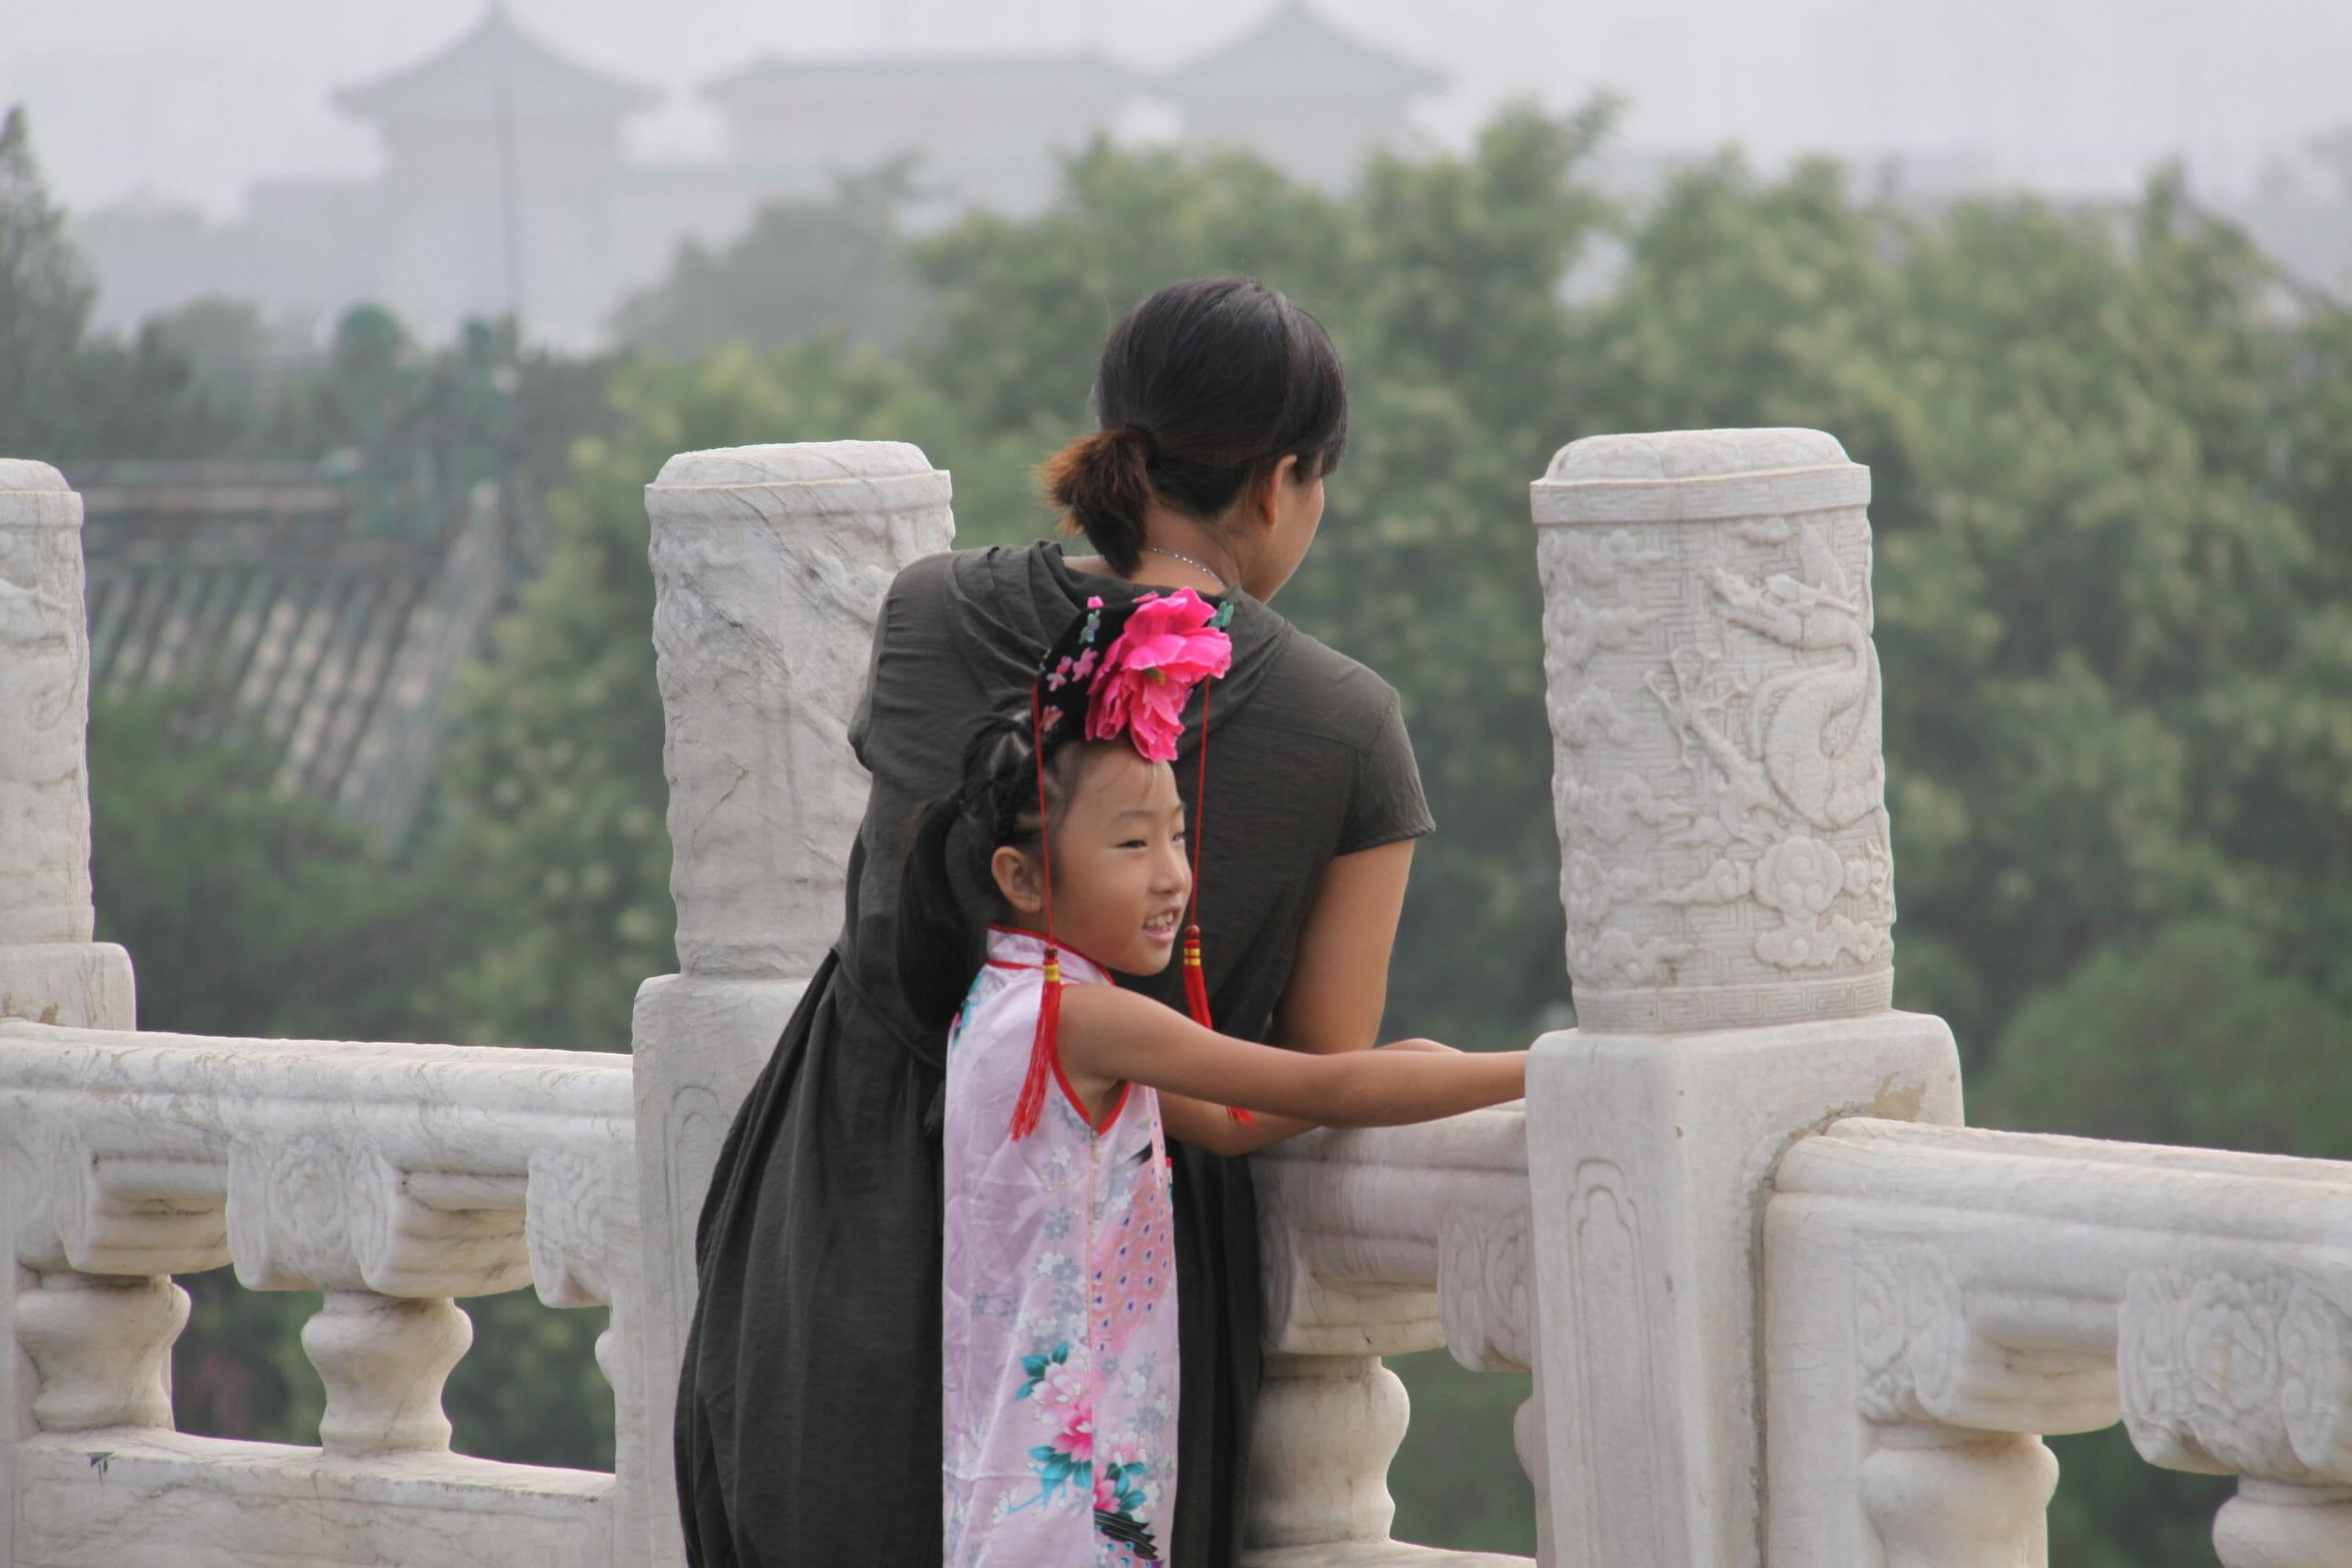 FAKTA: Etbarnspolitikken i Kina